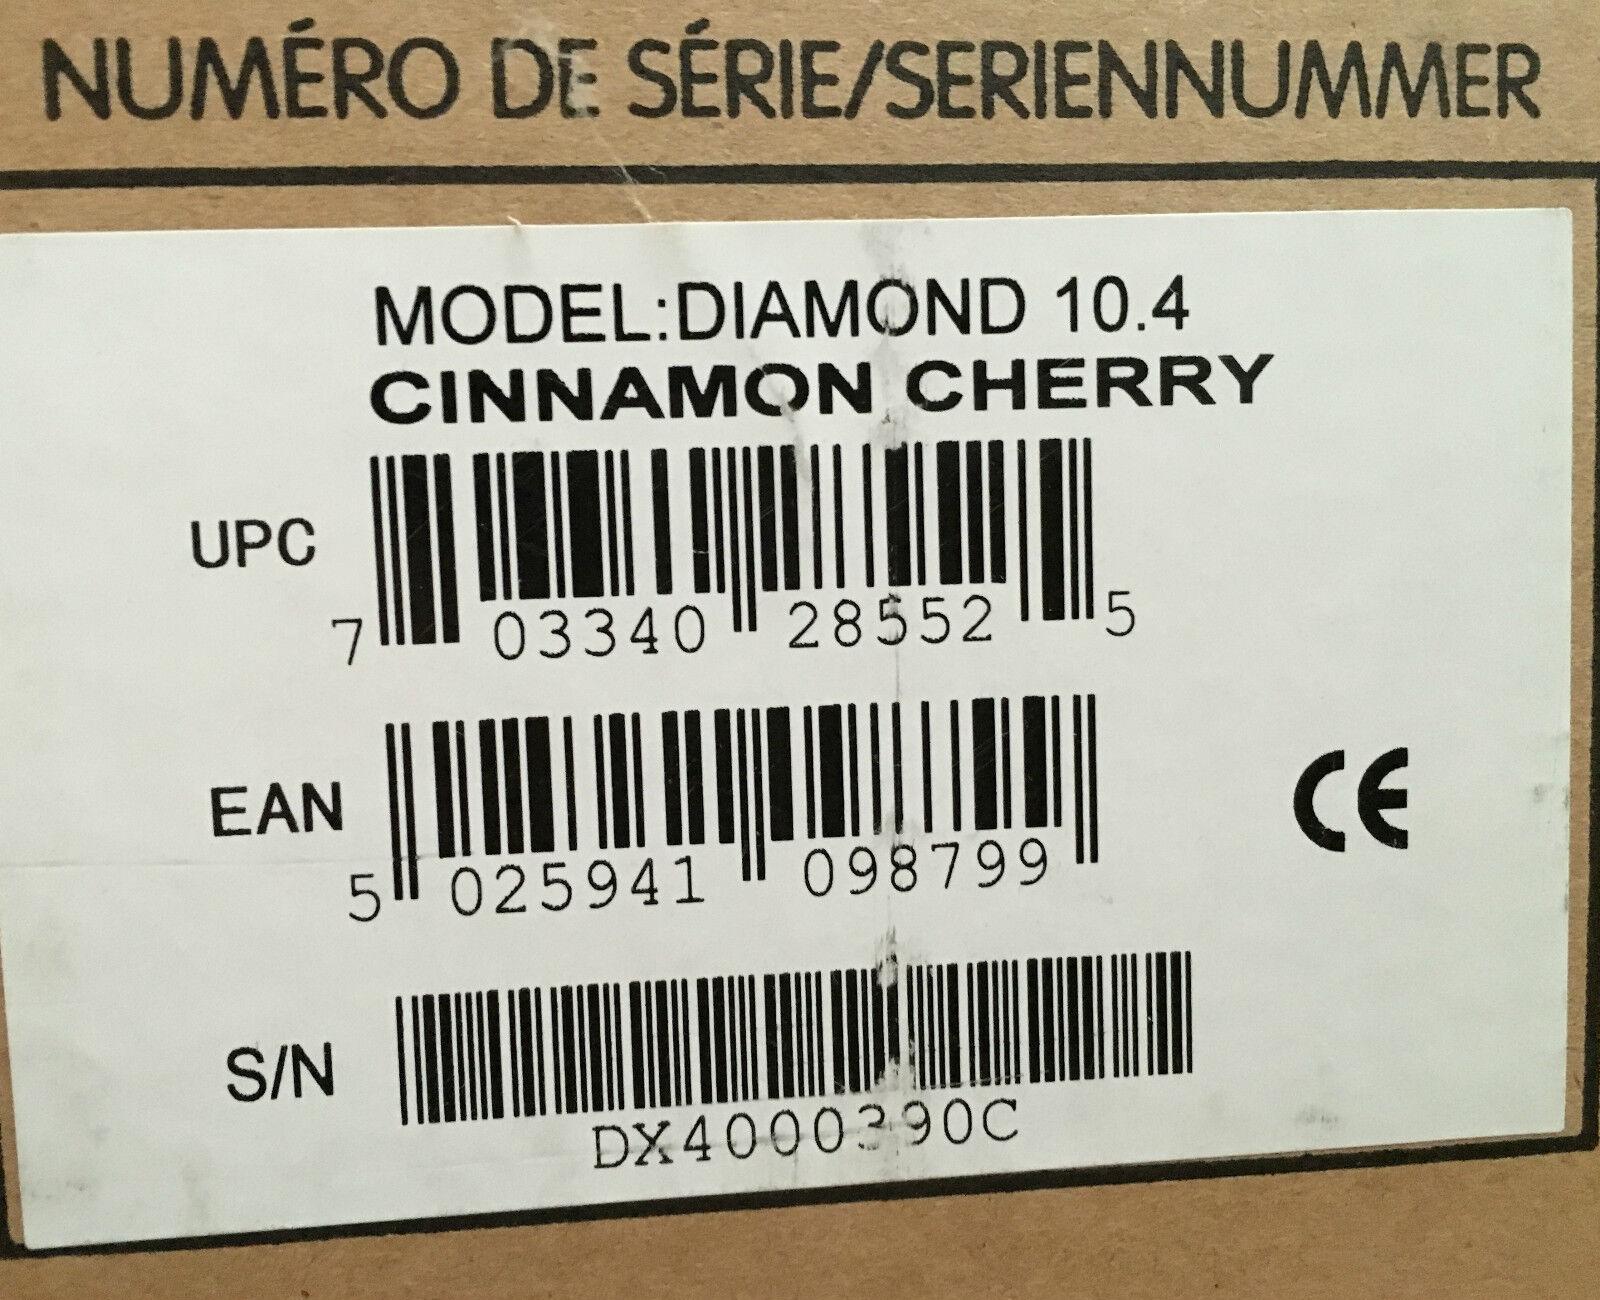 Wharfedale Diamond 10.4 Zimt-Kirsche Cinnamon Cherry sehr schön Paarpreis